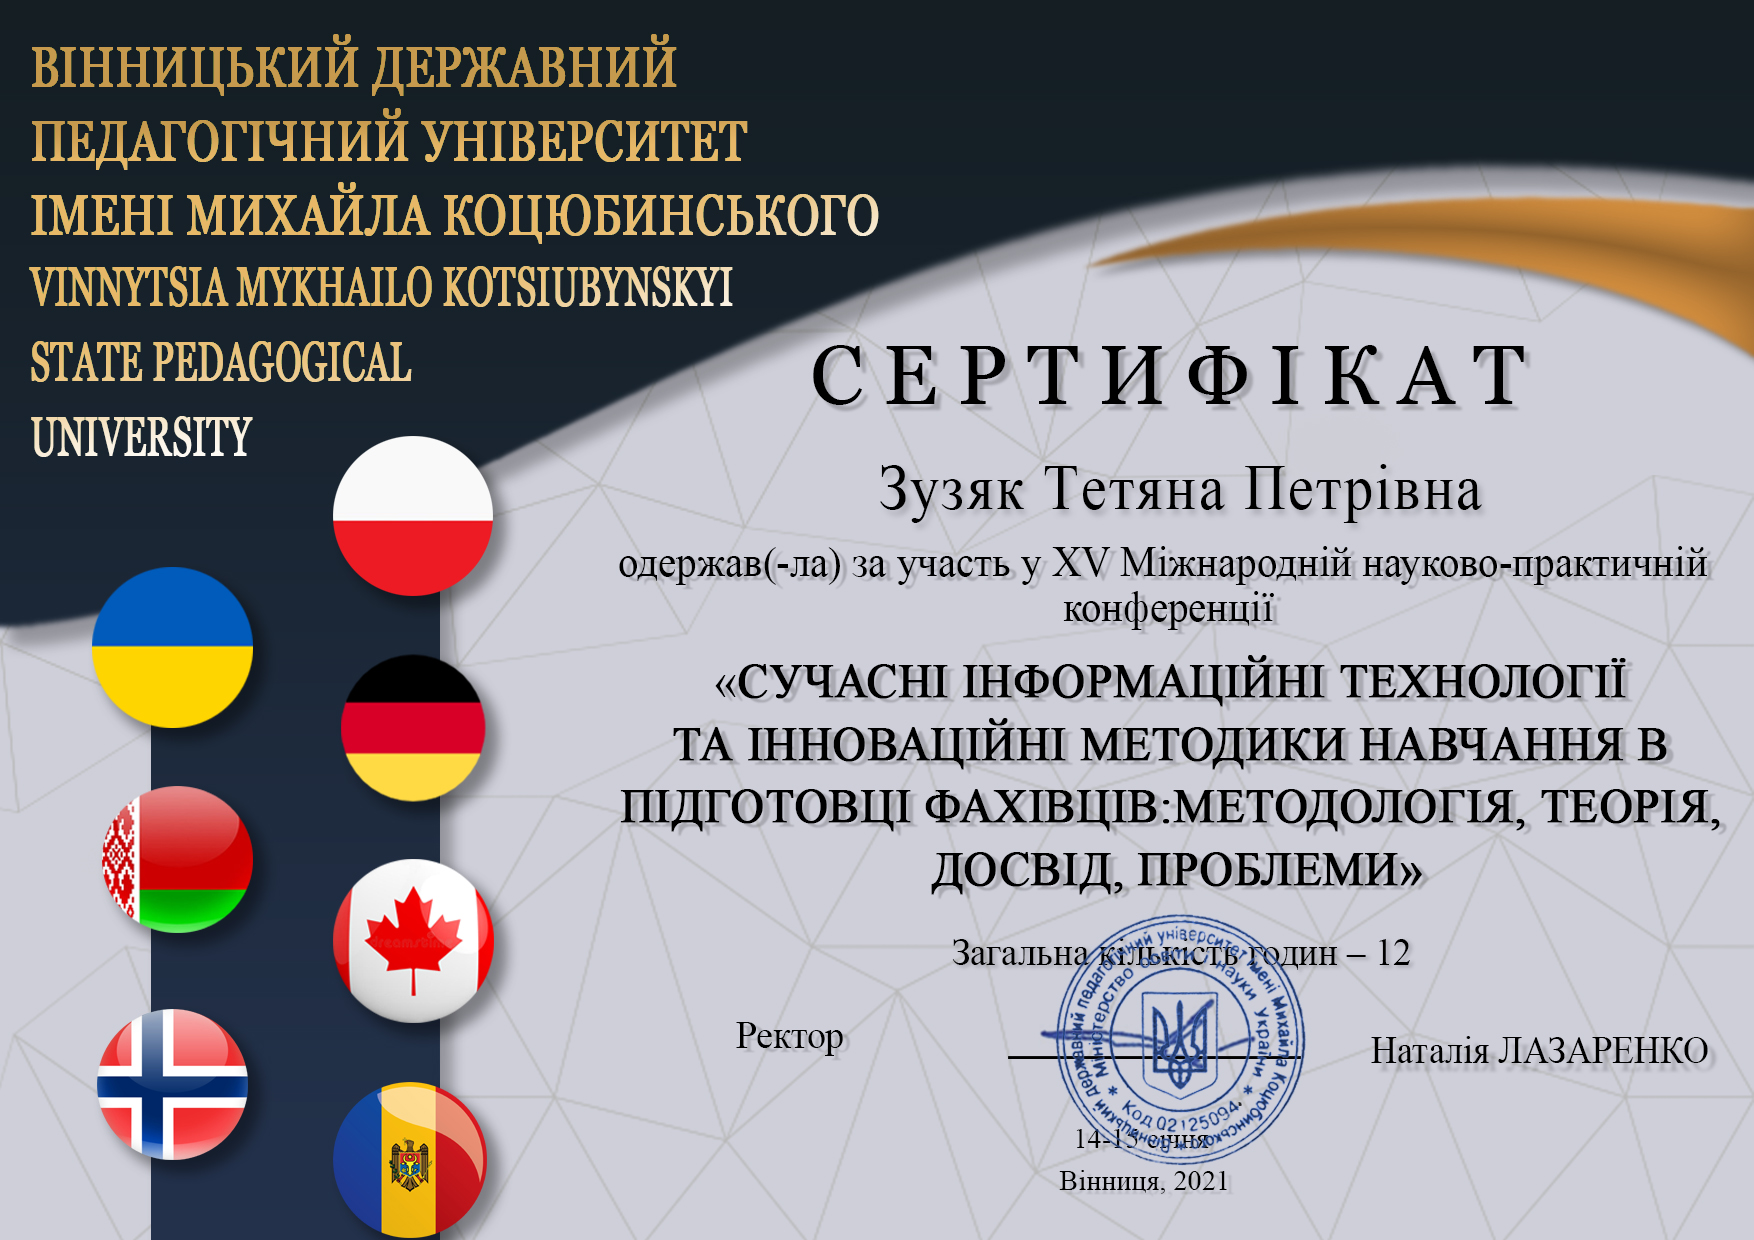 Зузяк Тетяна Петрівна